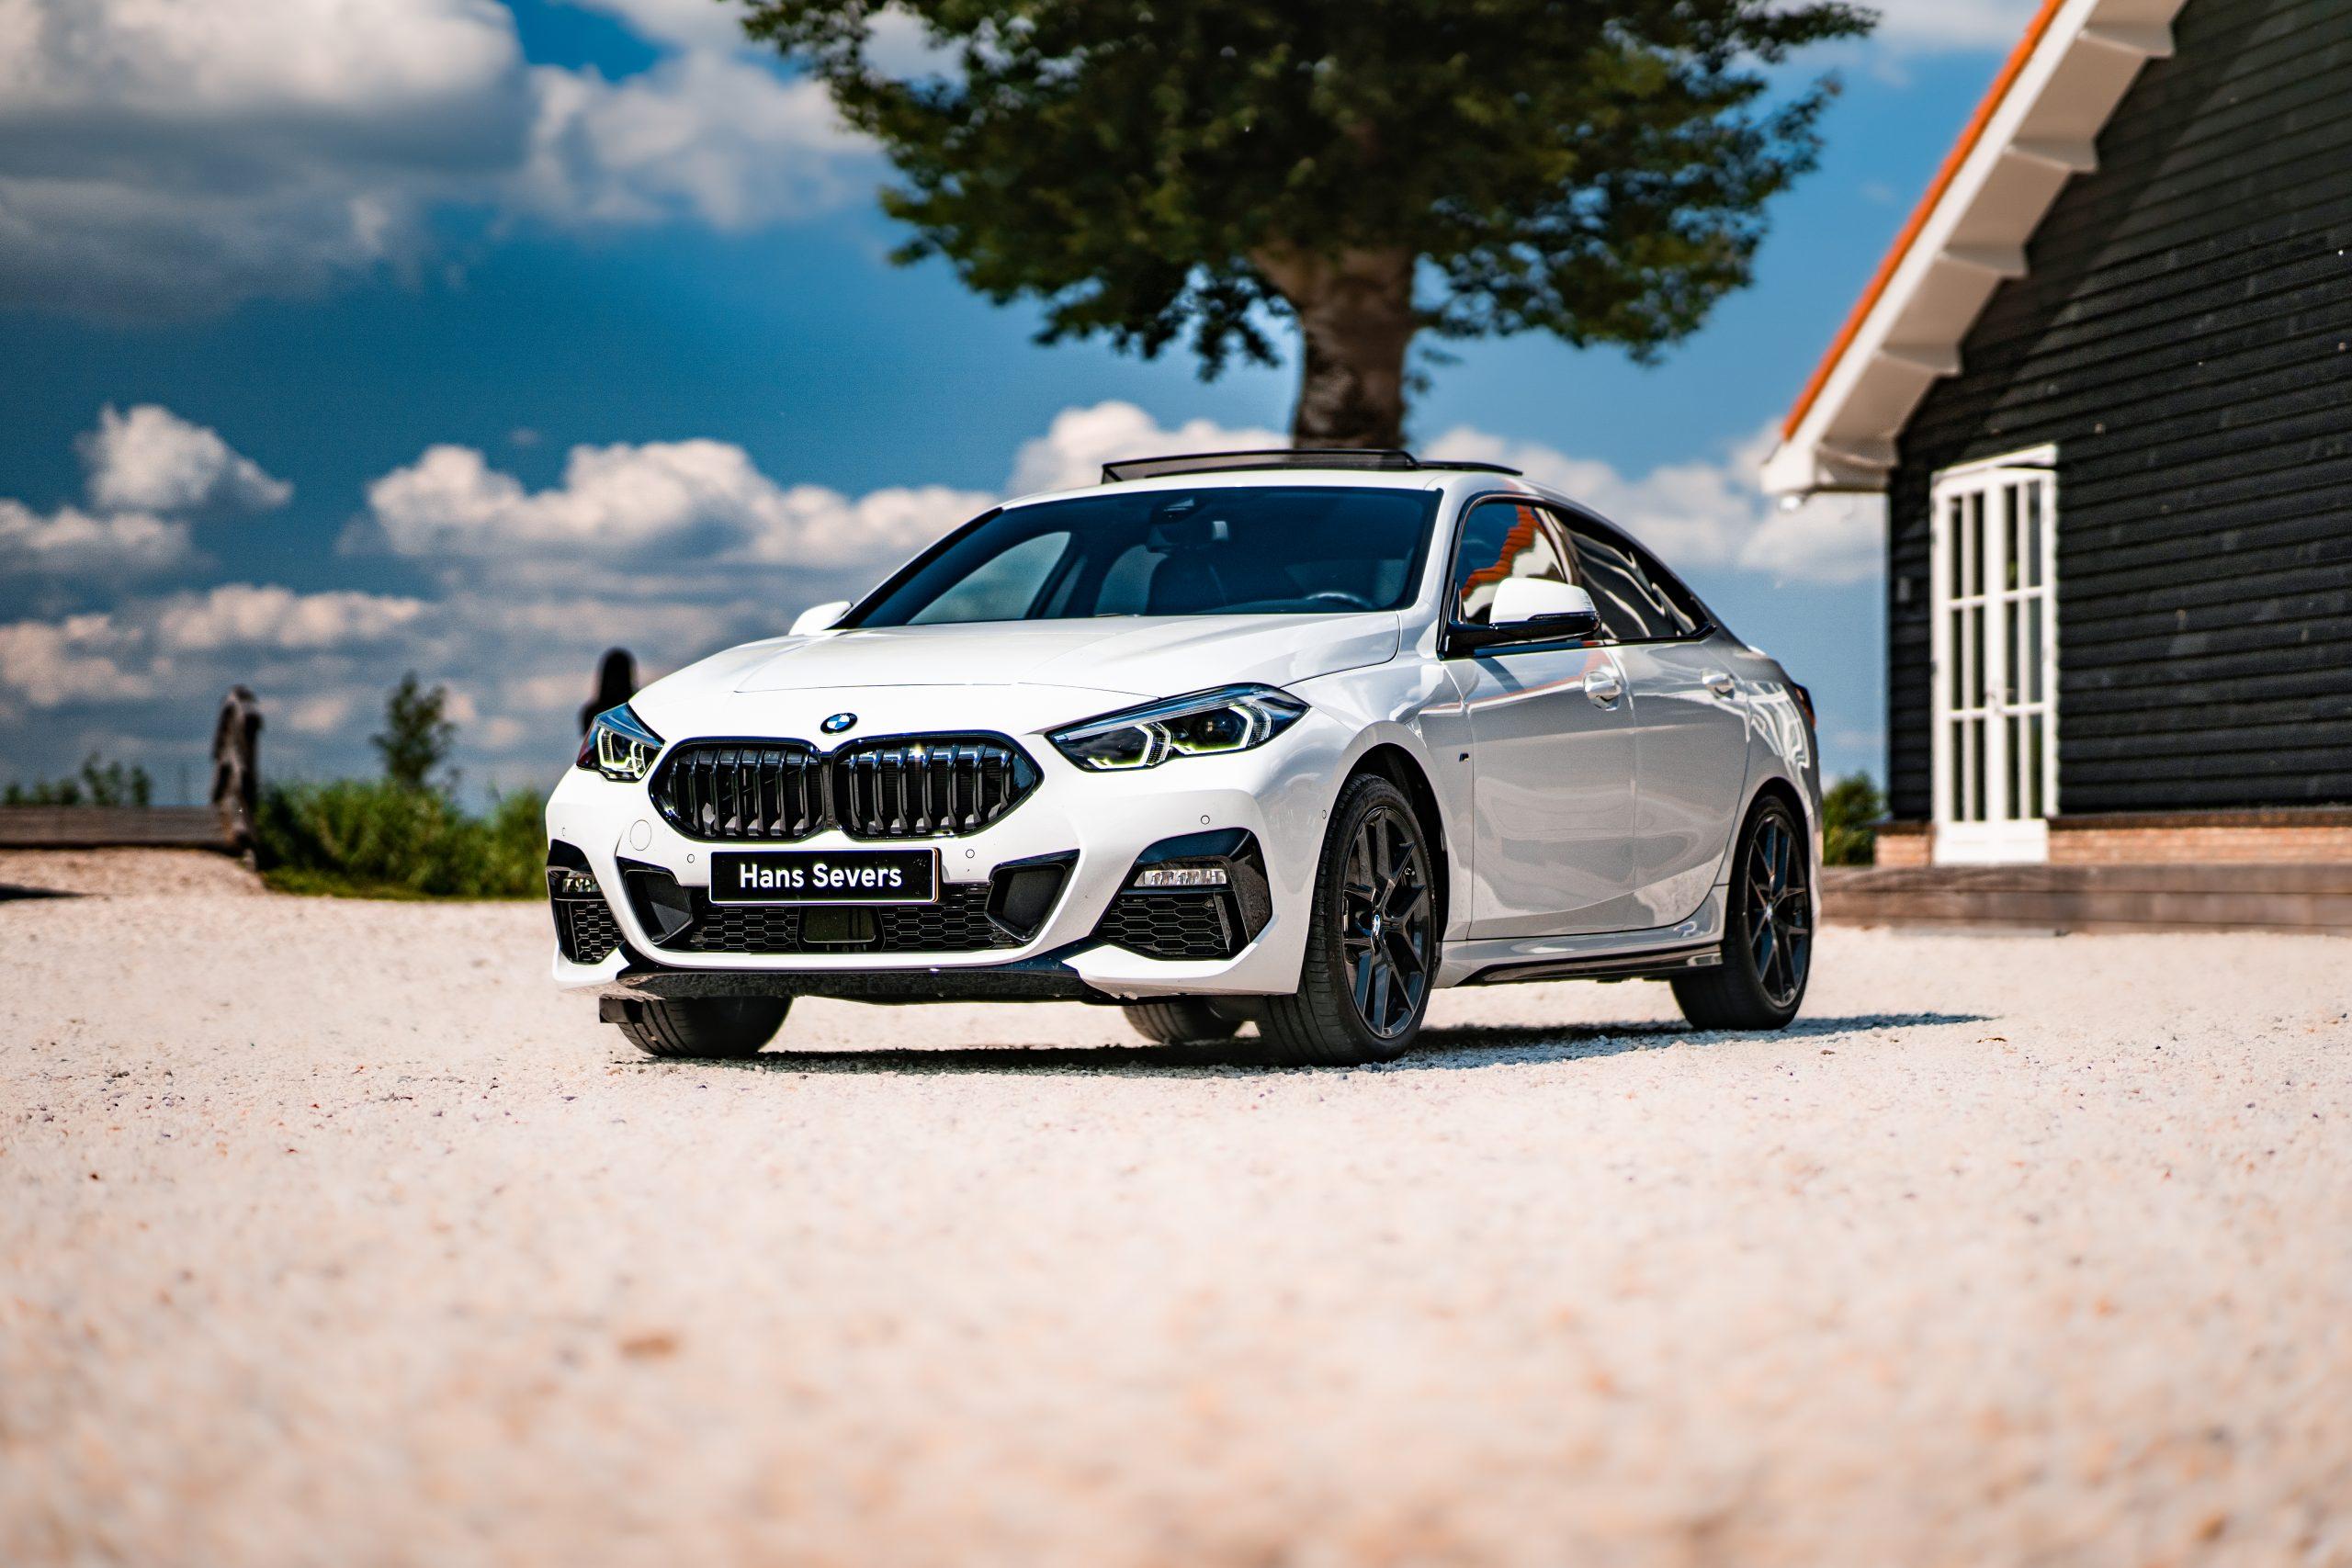 De BMW 2 Serie Gran Coupé